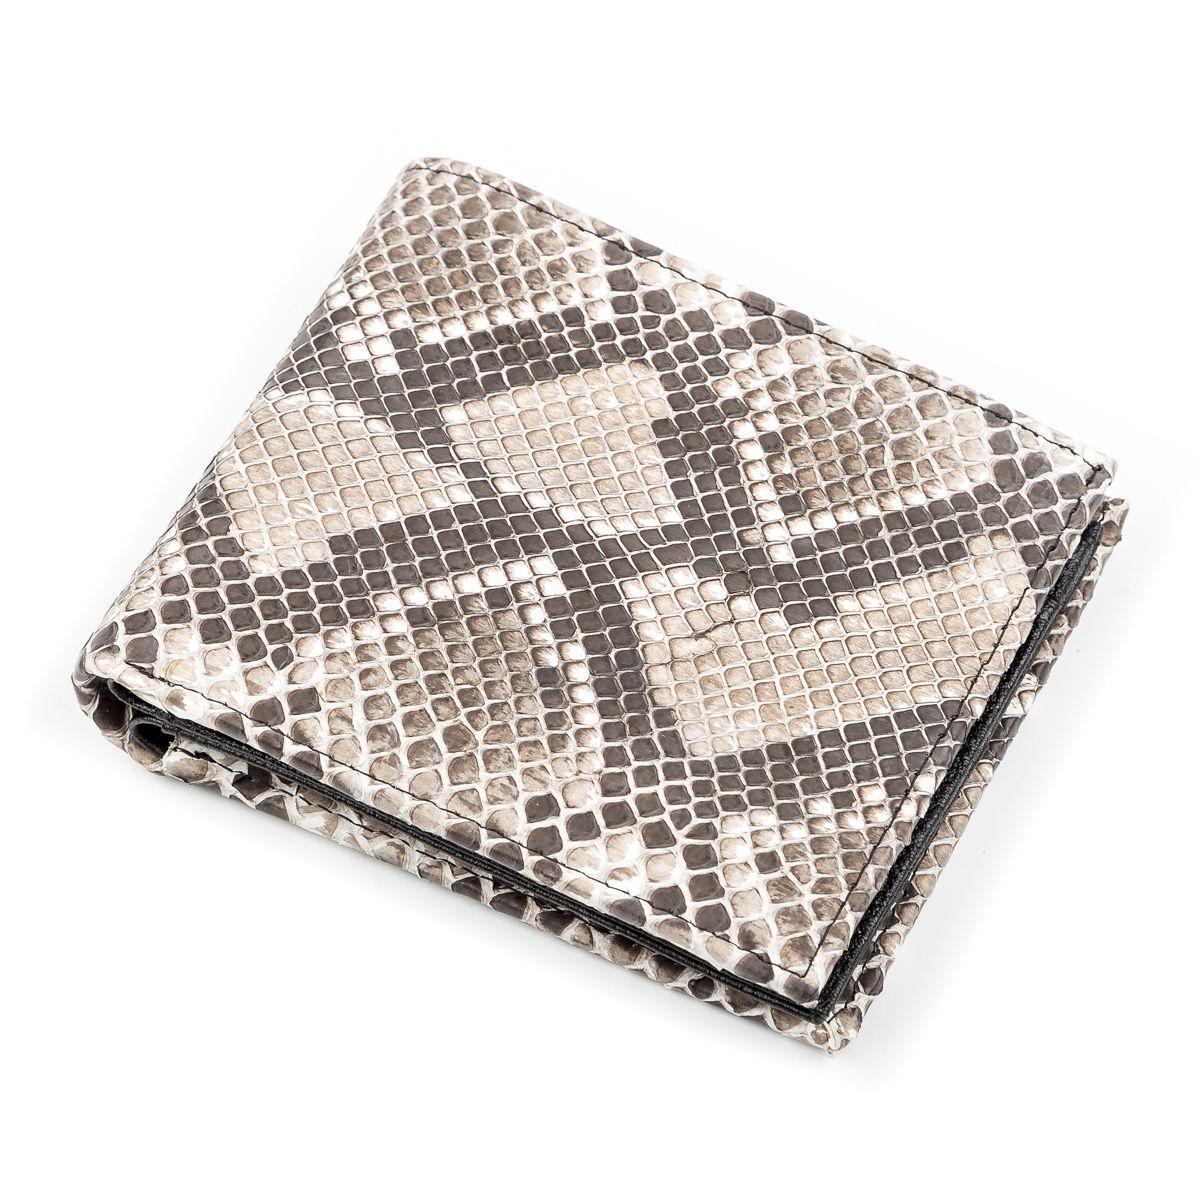 Портмоне Snake Leather 18136 Из Натуральной Кожи Питона Серое, Серый